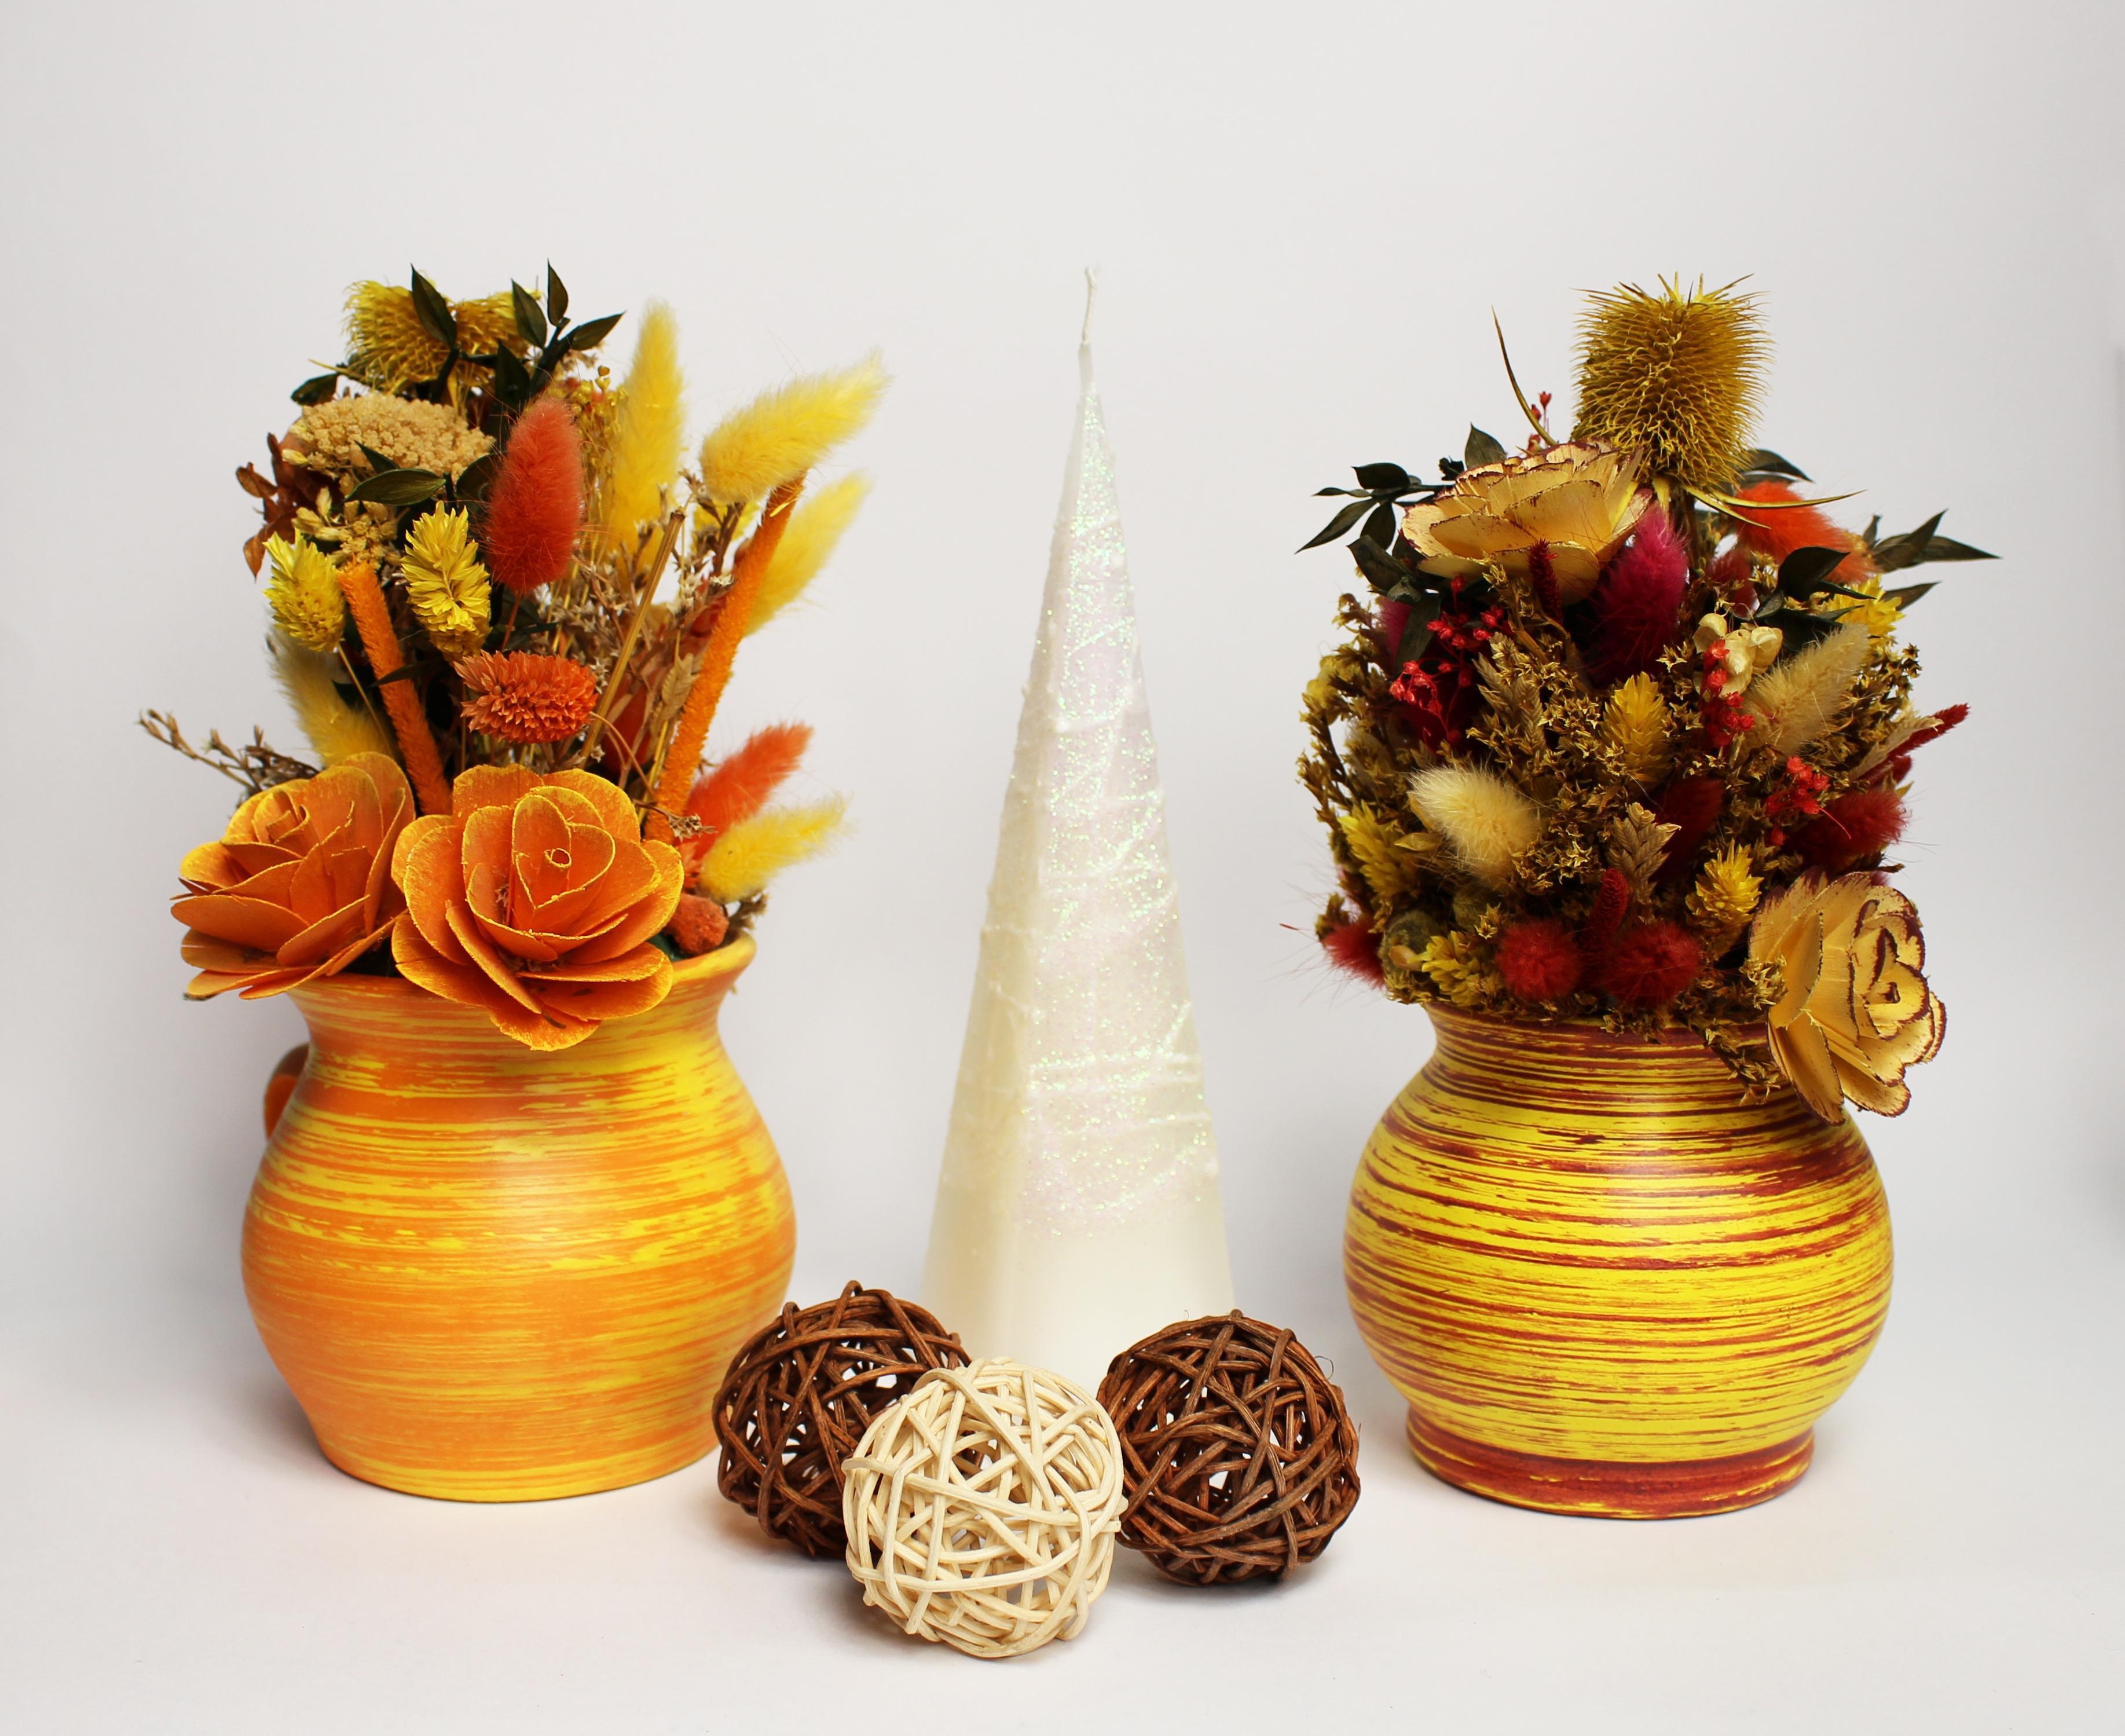 Images Gratuites Plante Vase Produire Jaune Bougie Decoration